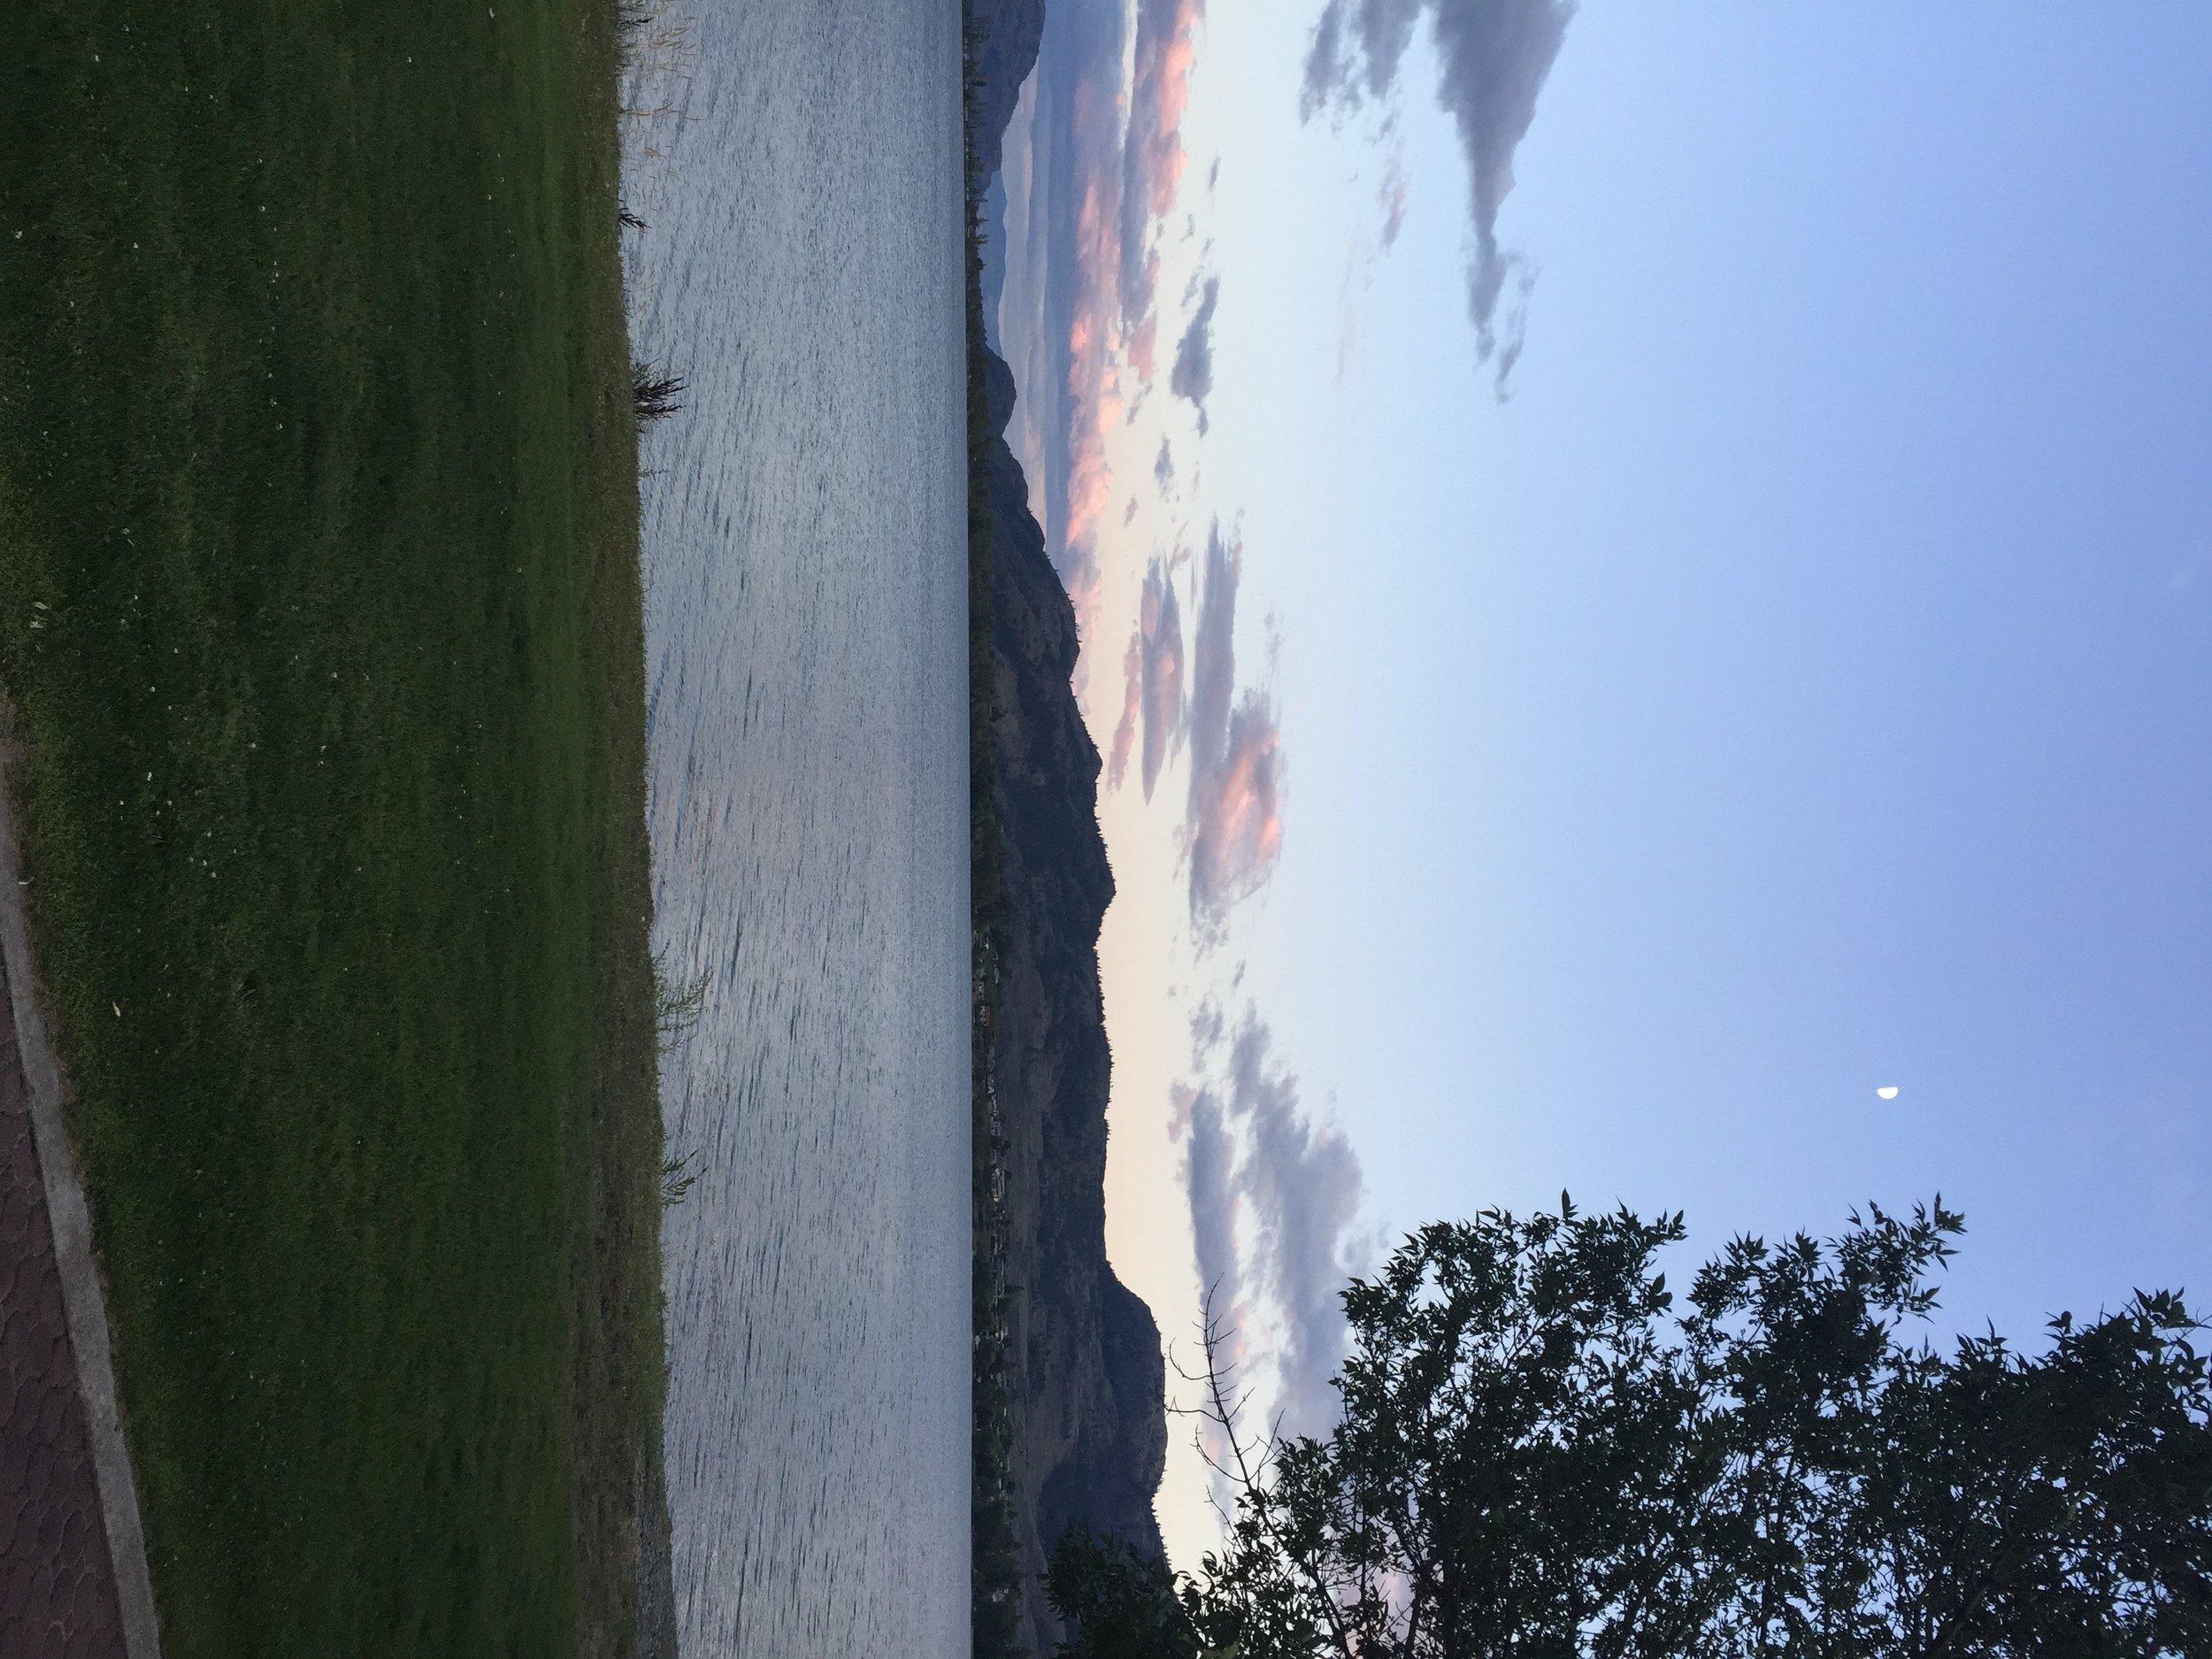 The Everyday Journalista, Everyday Journalista, Travel, Vacation, Osoyoos, British Columbia, Summer Holidays, Time to relax, Relax, Holiday, Okanagan Valley, Okanagan Lake, Summer Fun, Family Vacation.